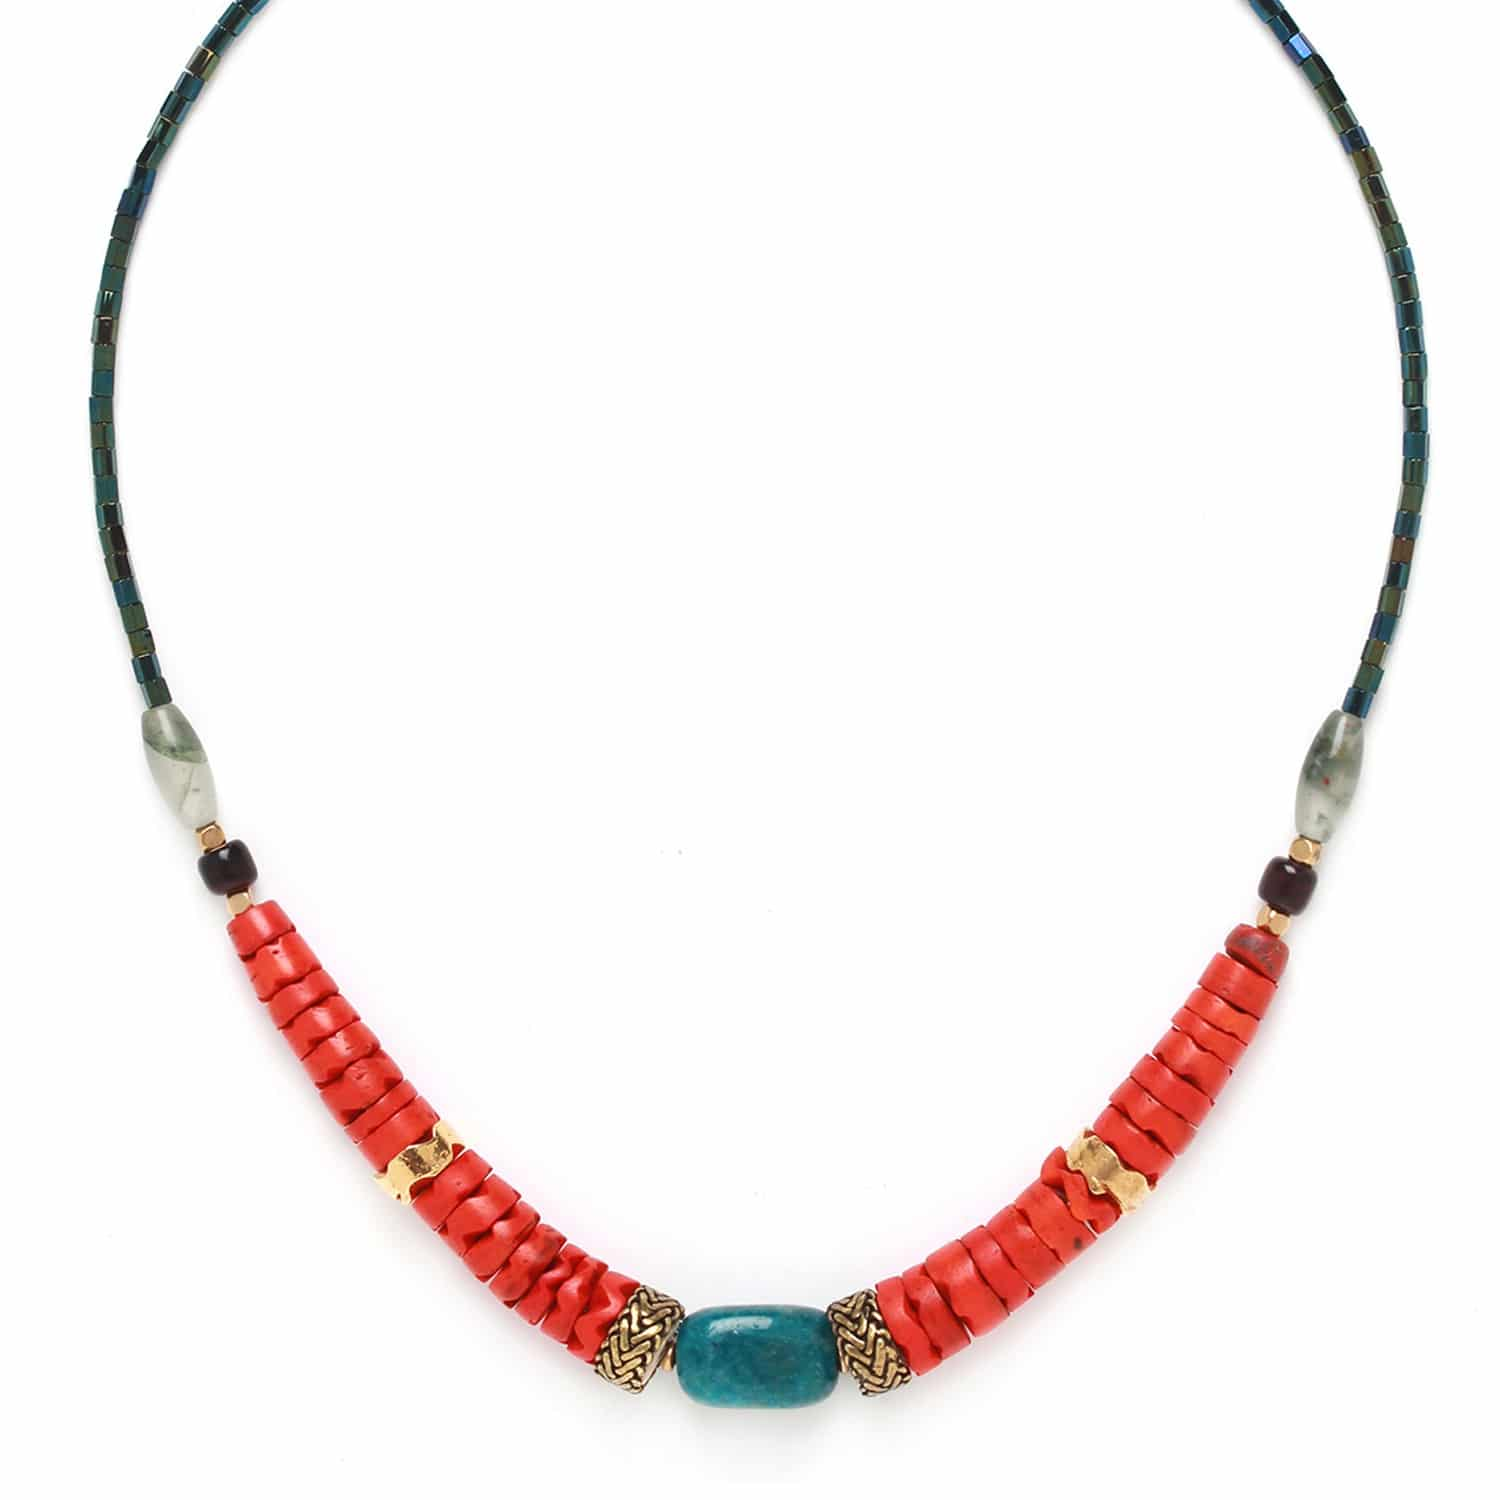 PIGMENTS simple necklace